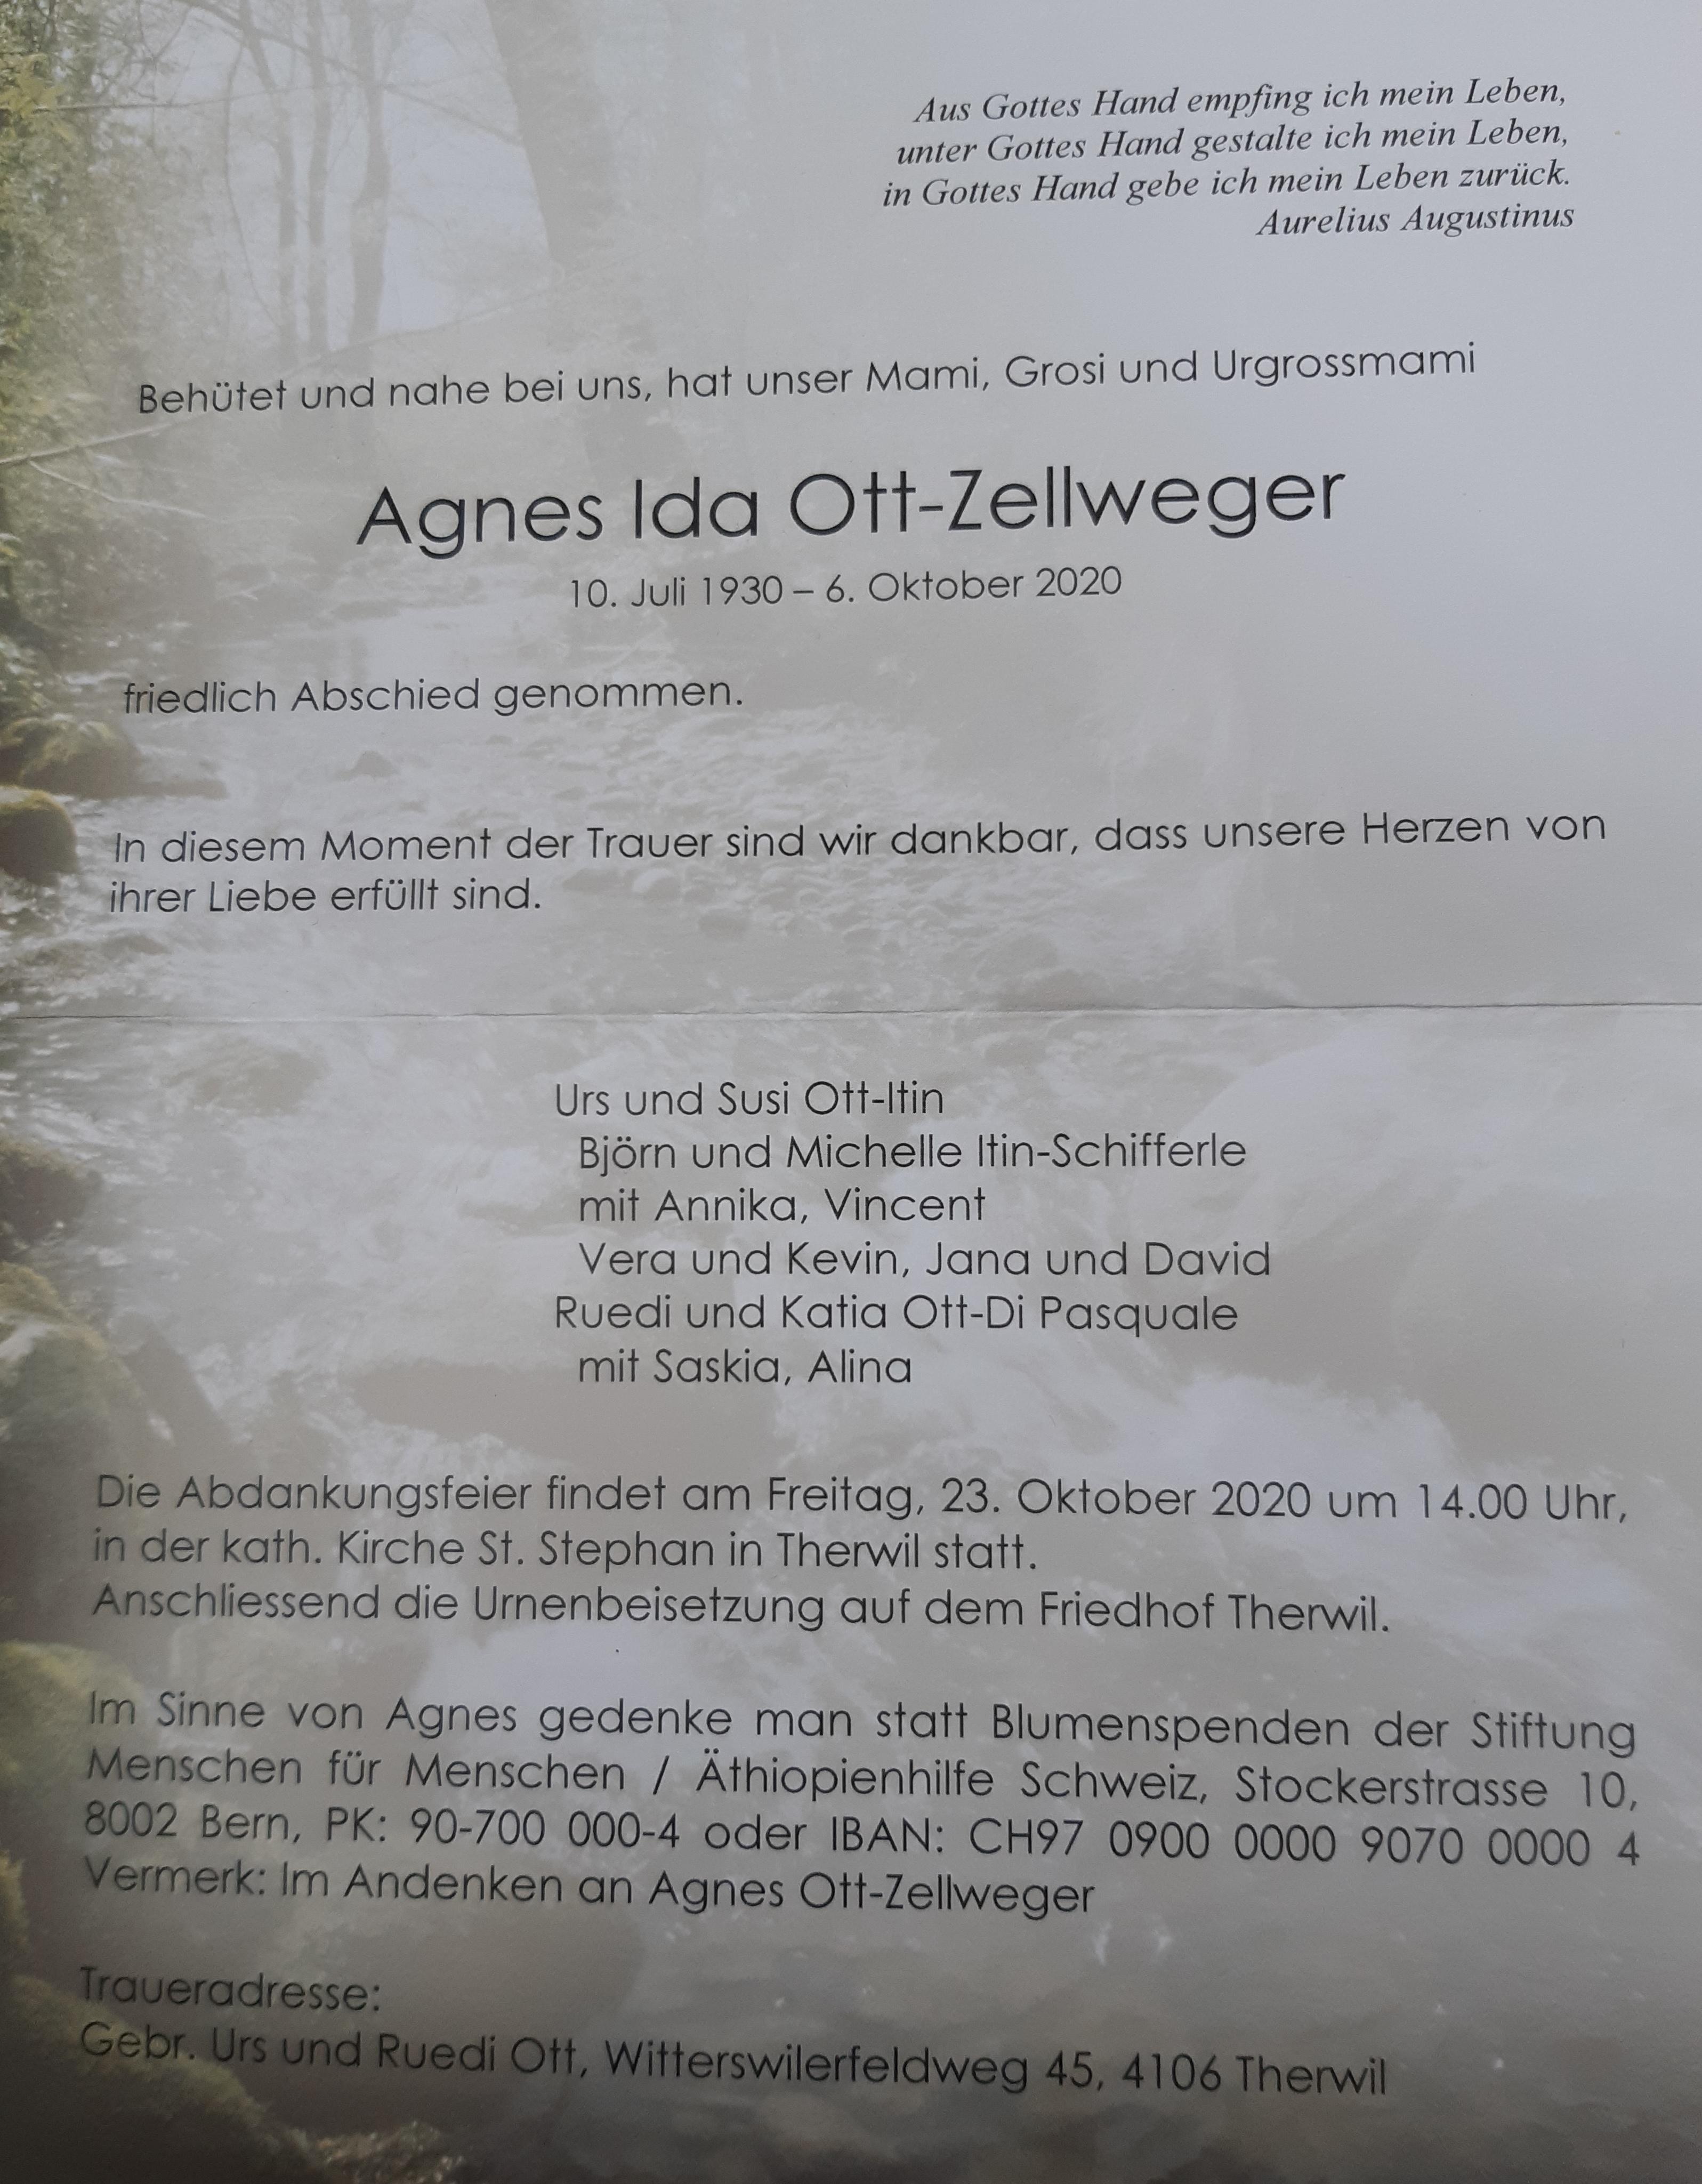 Todesanzeige Agnes Ida-Ott Zellwegerjpg